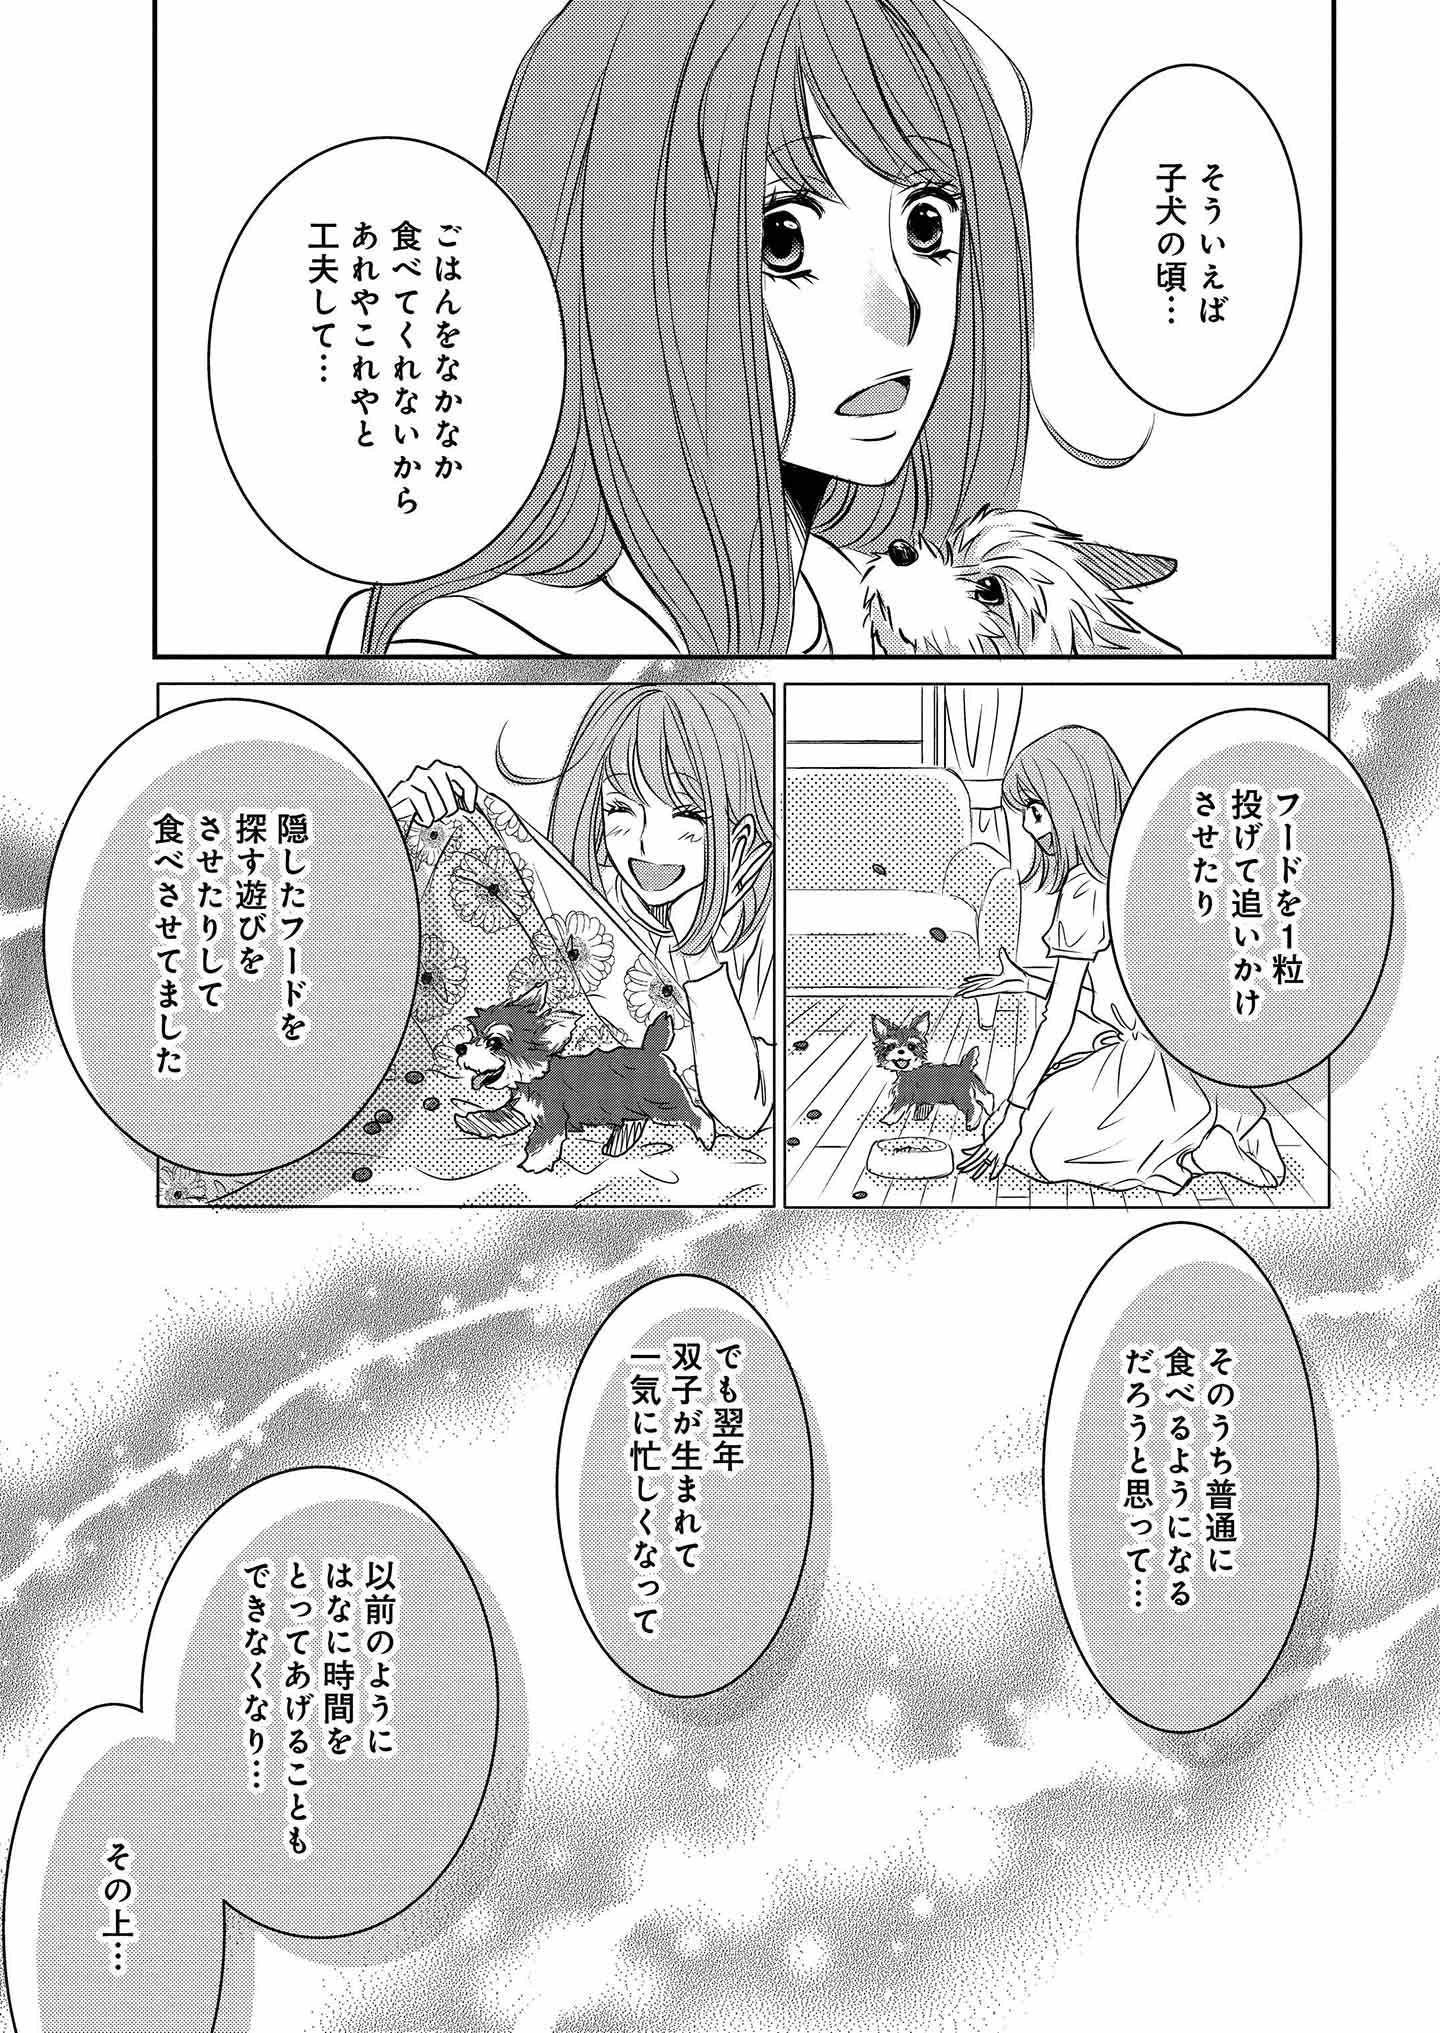 『DOG SIGNAL』13話目④ 3ページ目